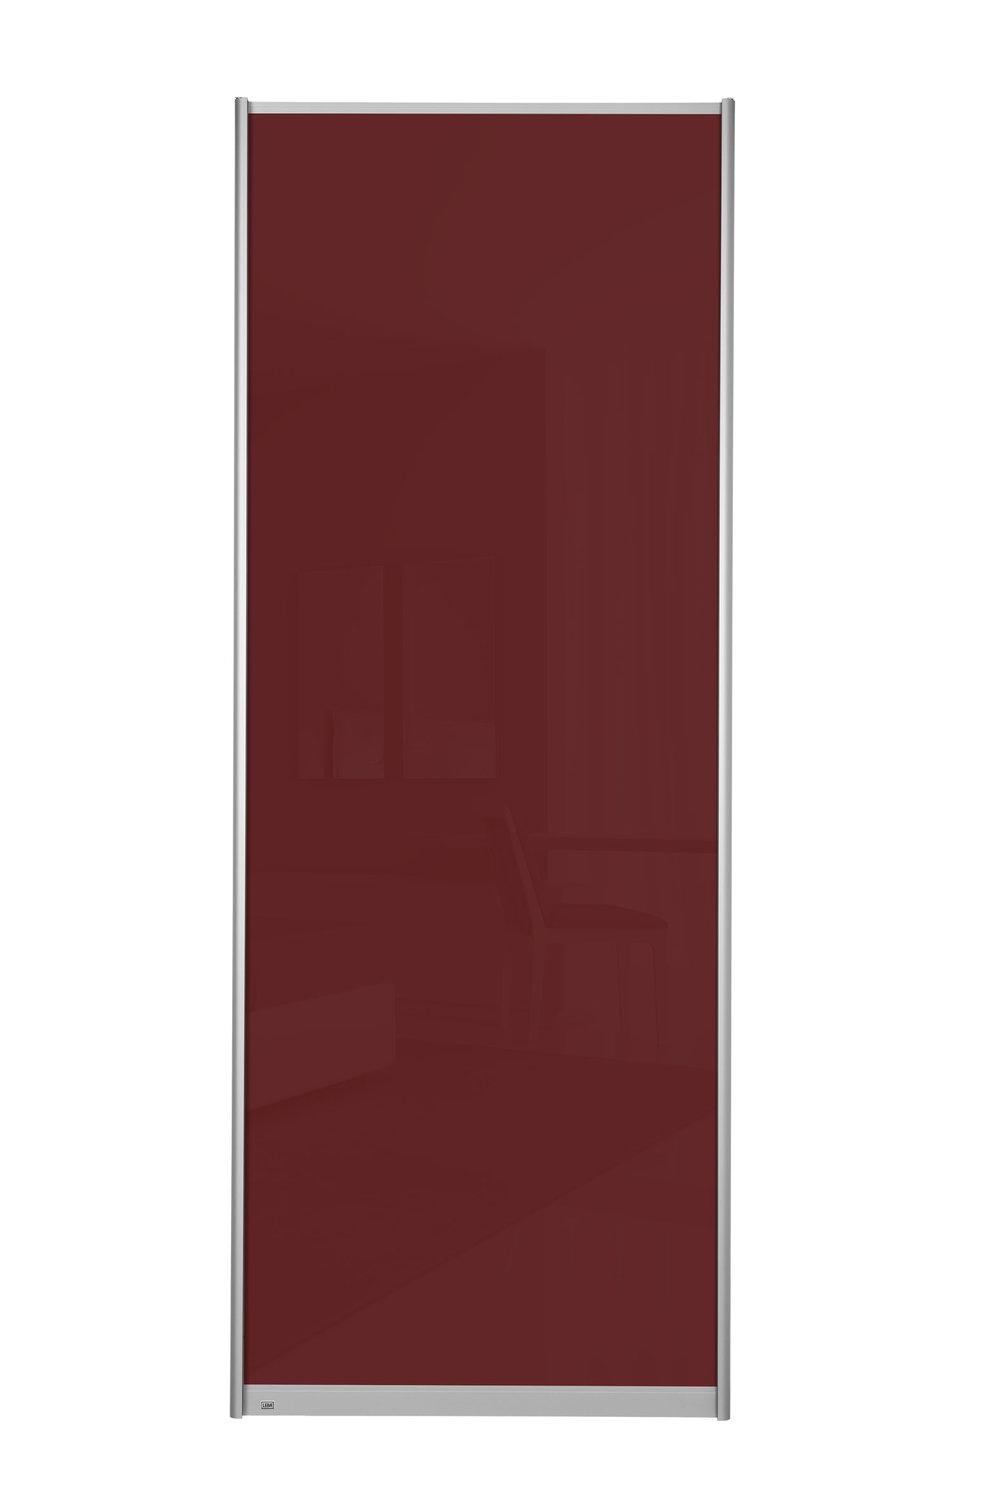 F7131 - Bordeaux